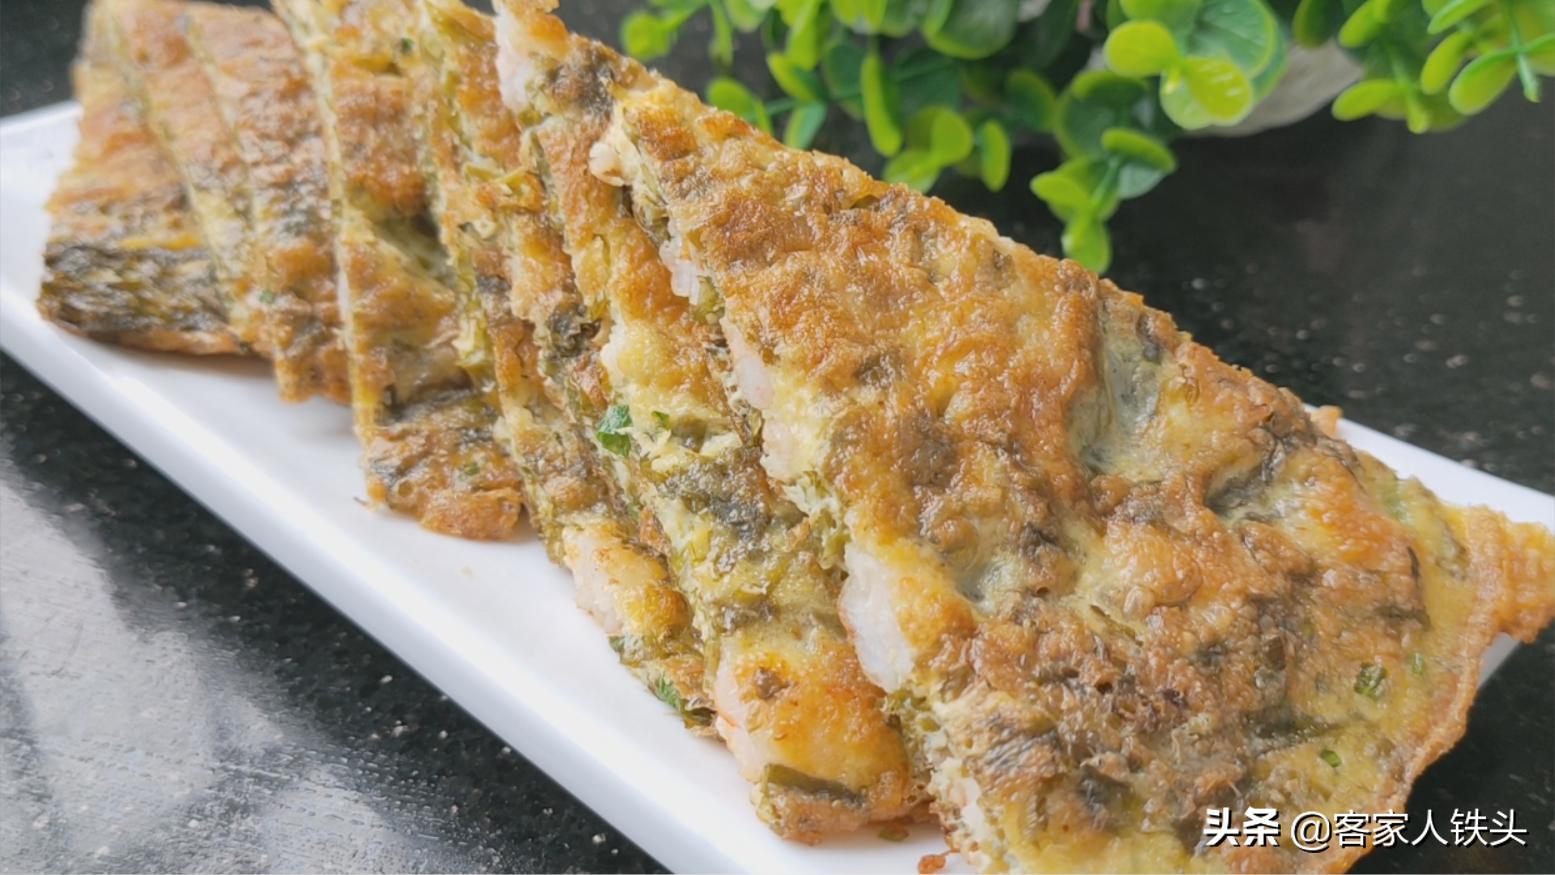 鲜虾别只会白灼,加5个蛋做一盘,口感酥嫩好吃,咬上一口满嘴香